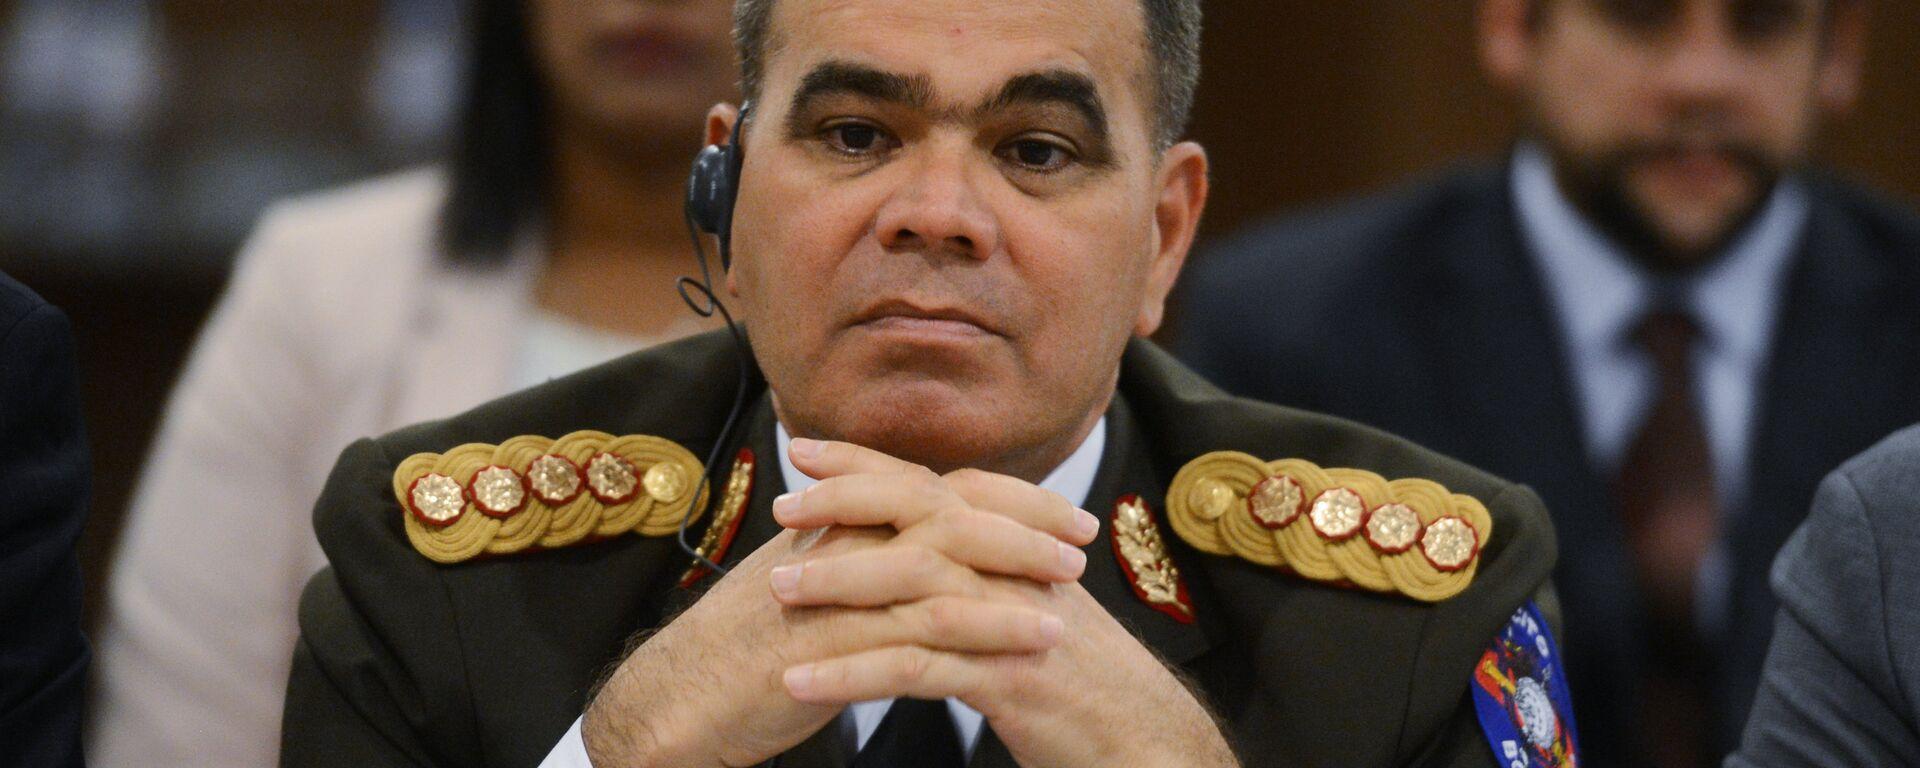 Vladimir Padrino López, ministro de Defensa de Venezuela - Sputnik Mundo, 1920, 25.05.2021